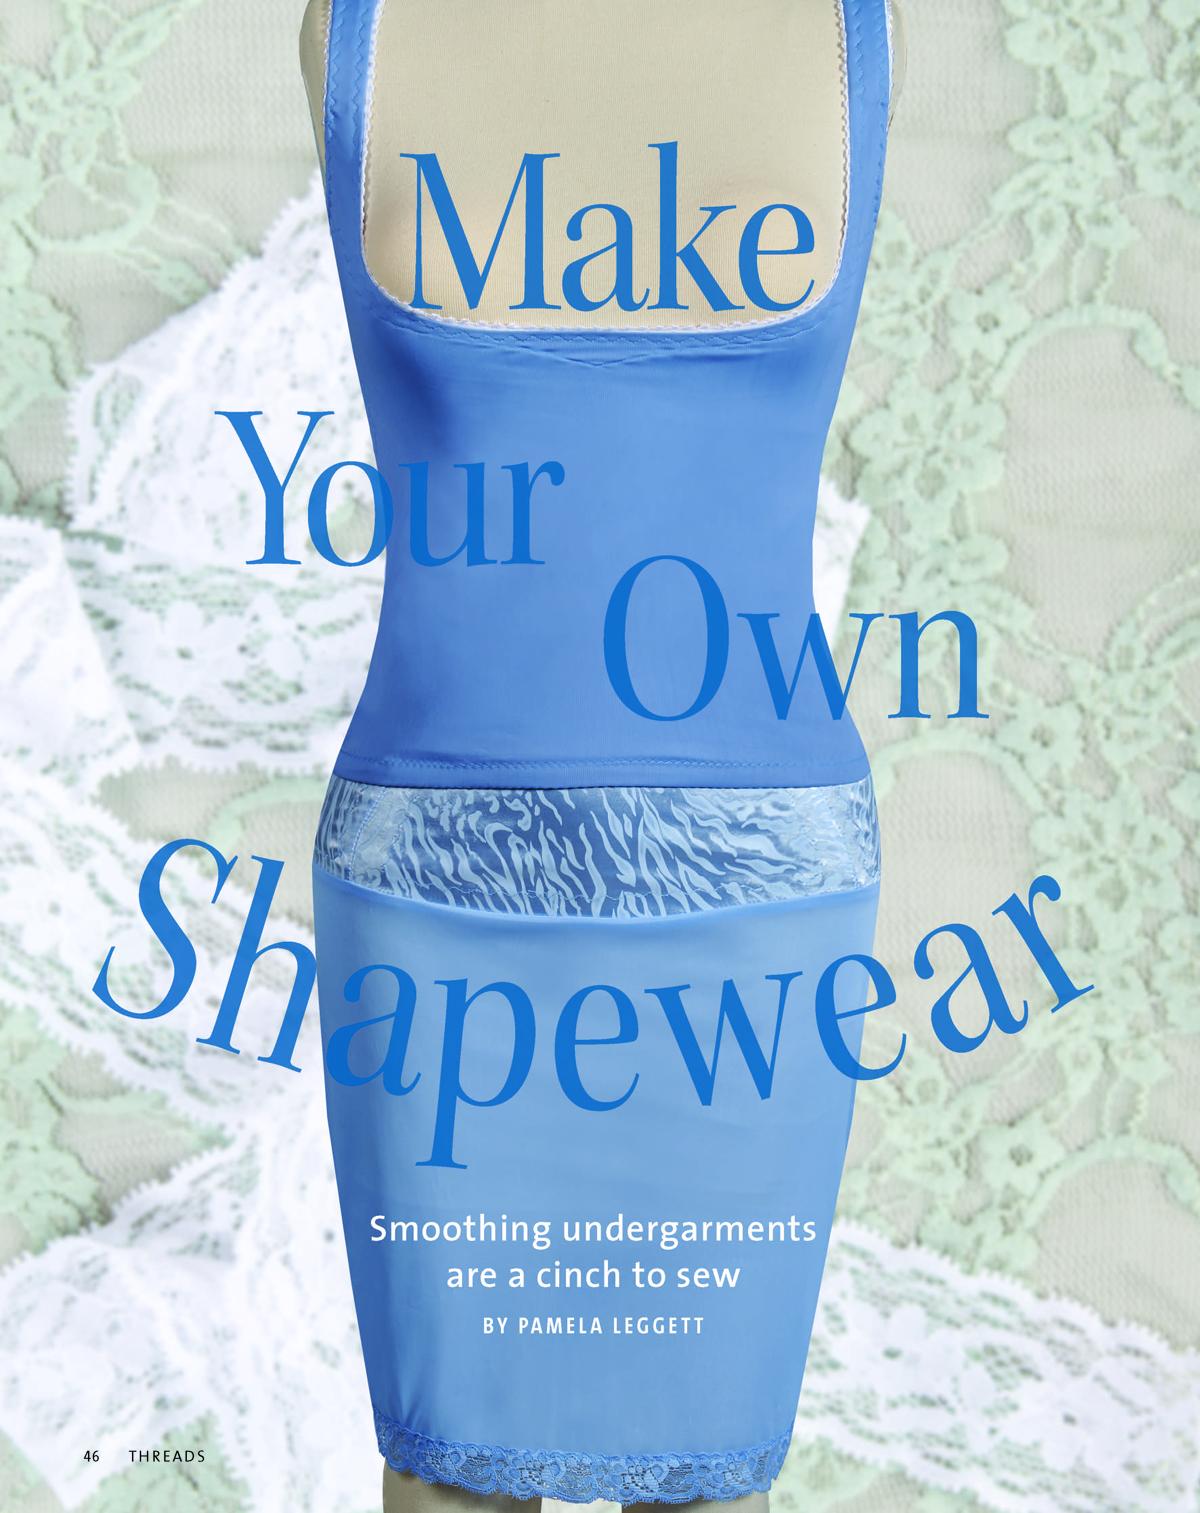 Make Your Own Shapewear by Pamela Leggett